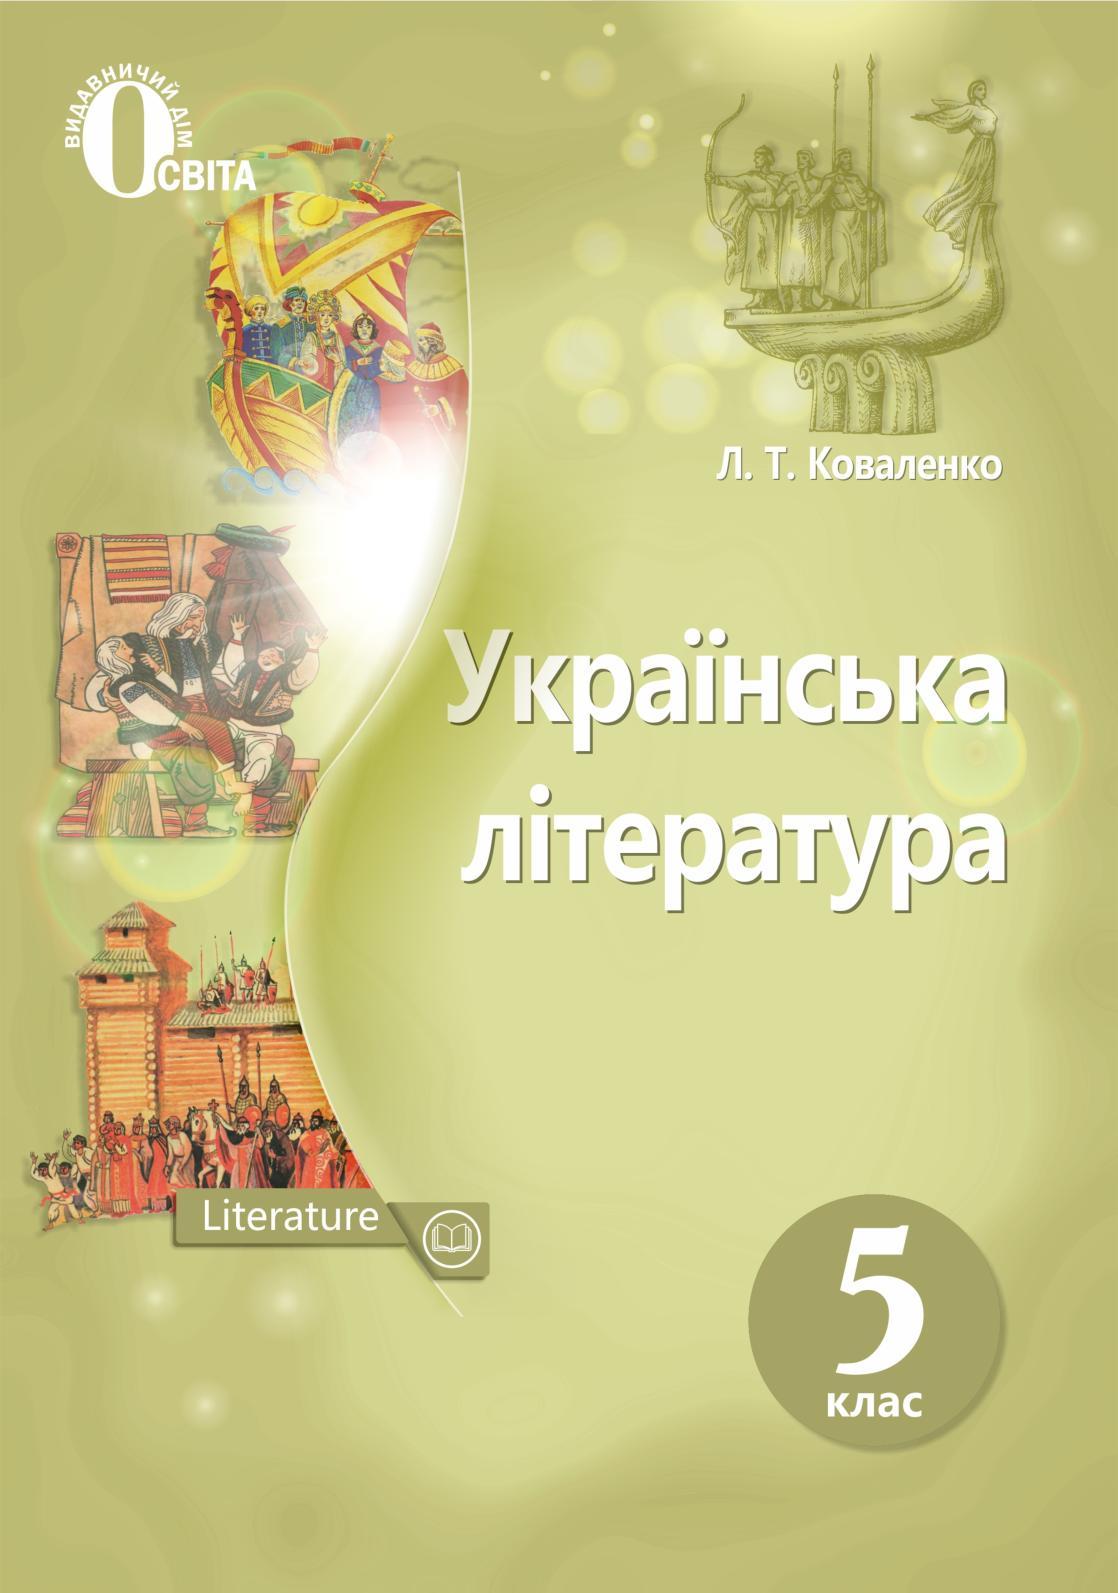 Calaméo - Українська література d7e6a4951cc44